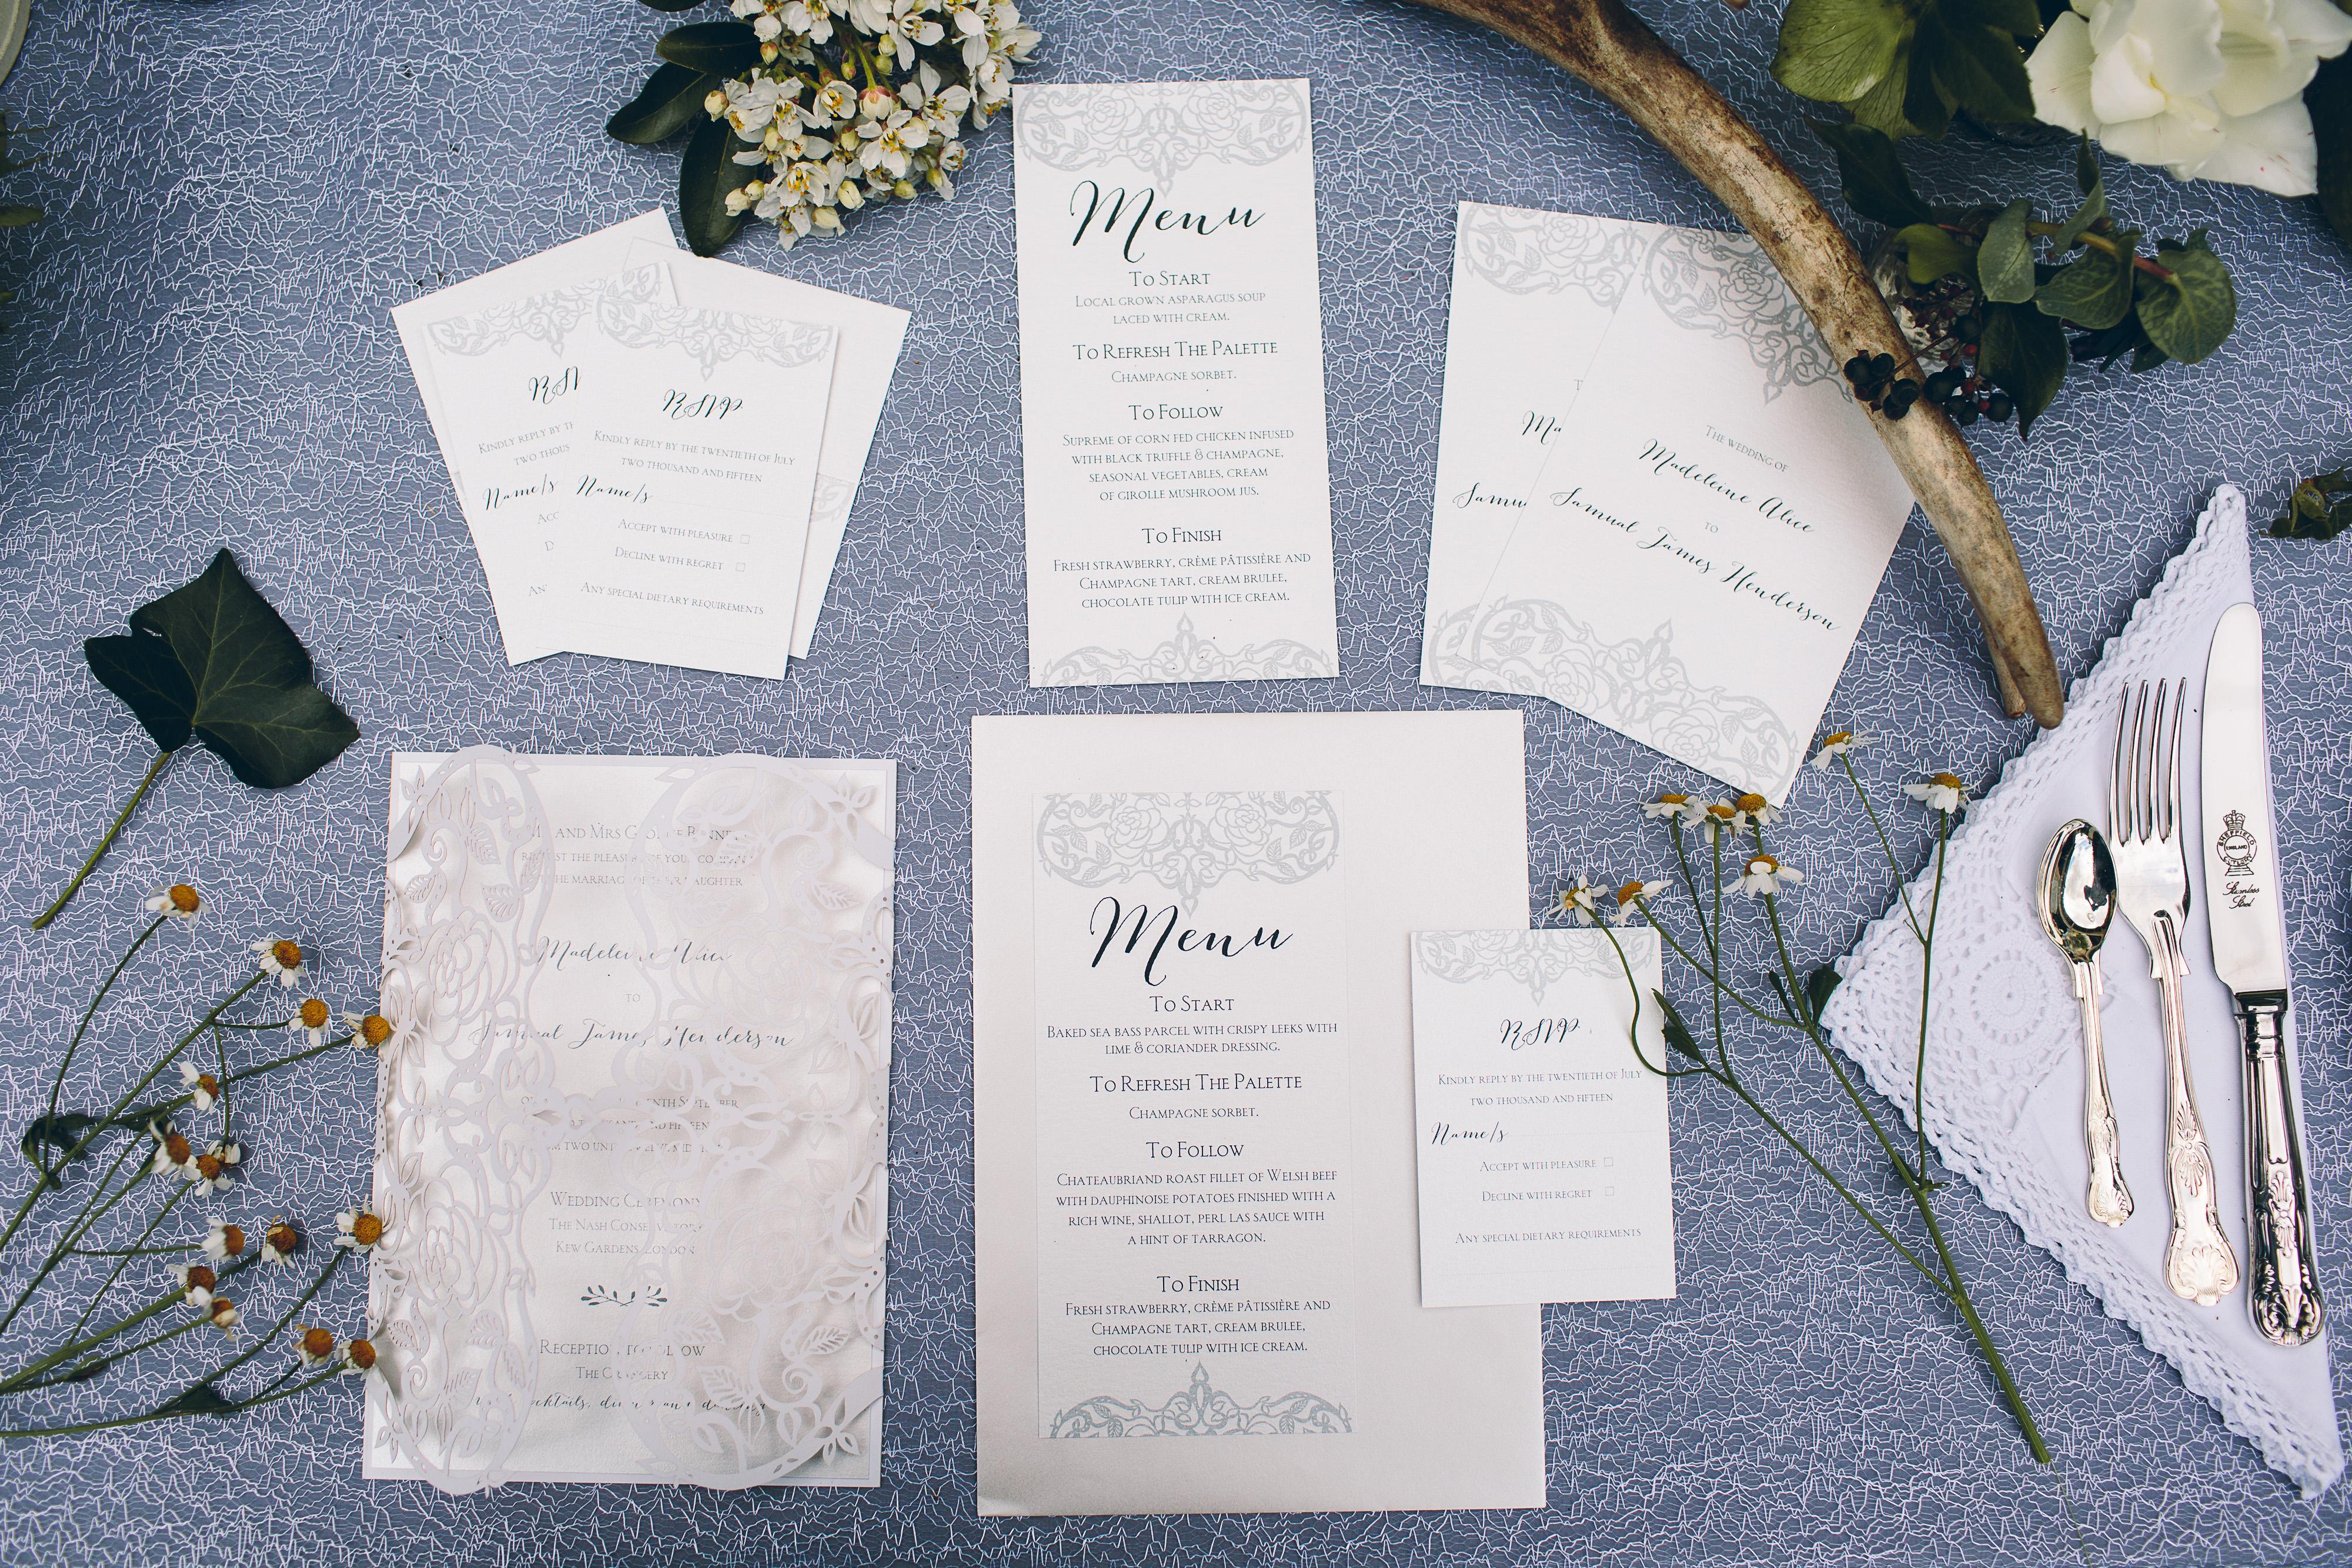 Printed & laser cut wedding stationery including menu